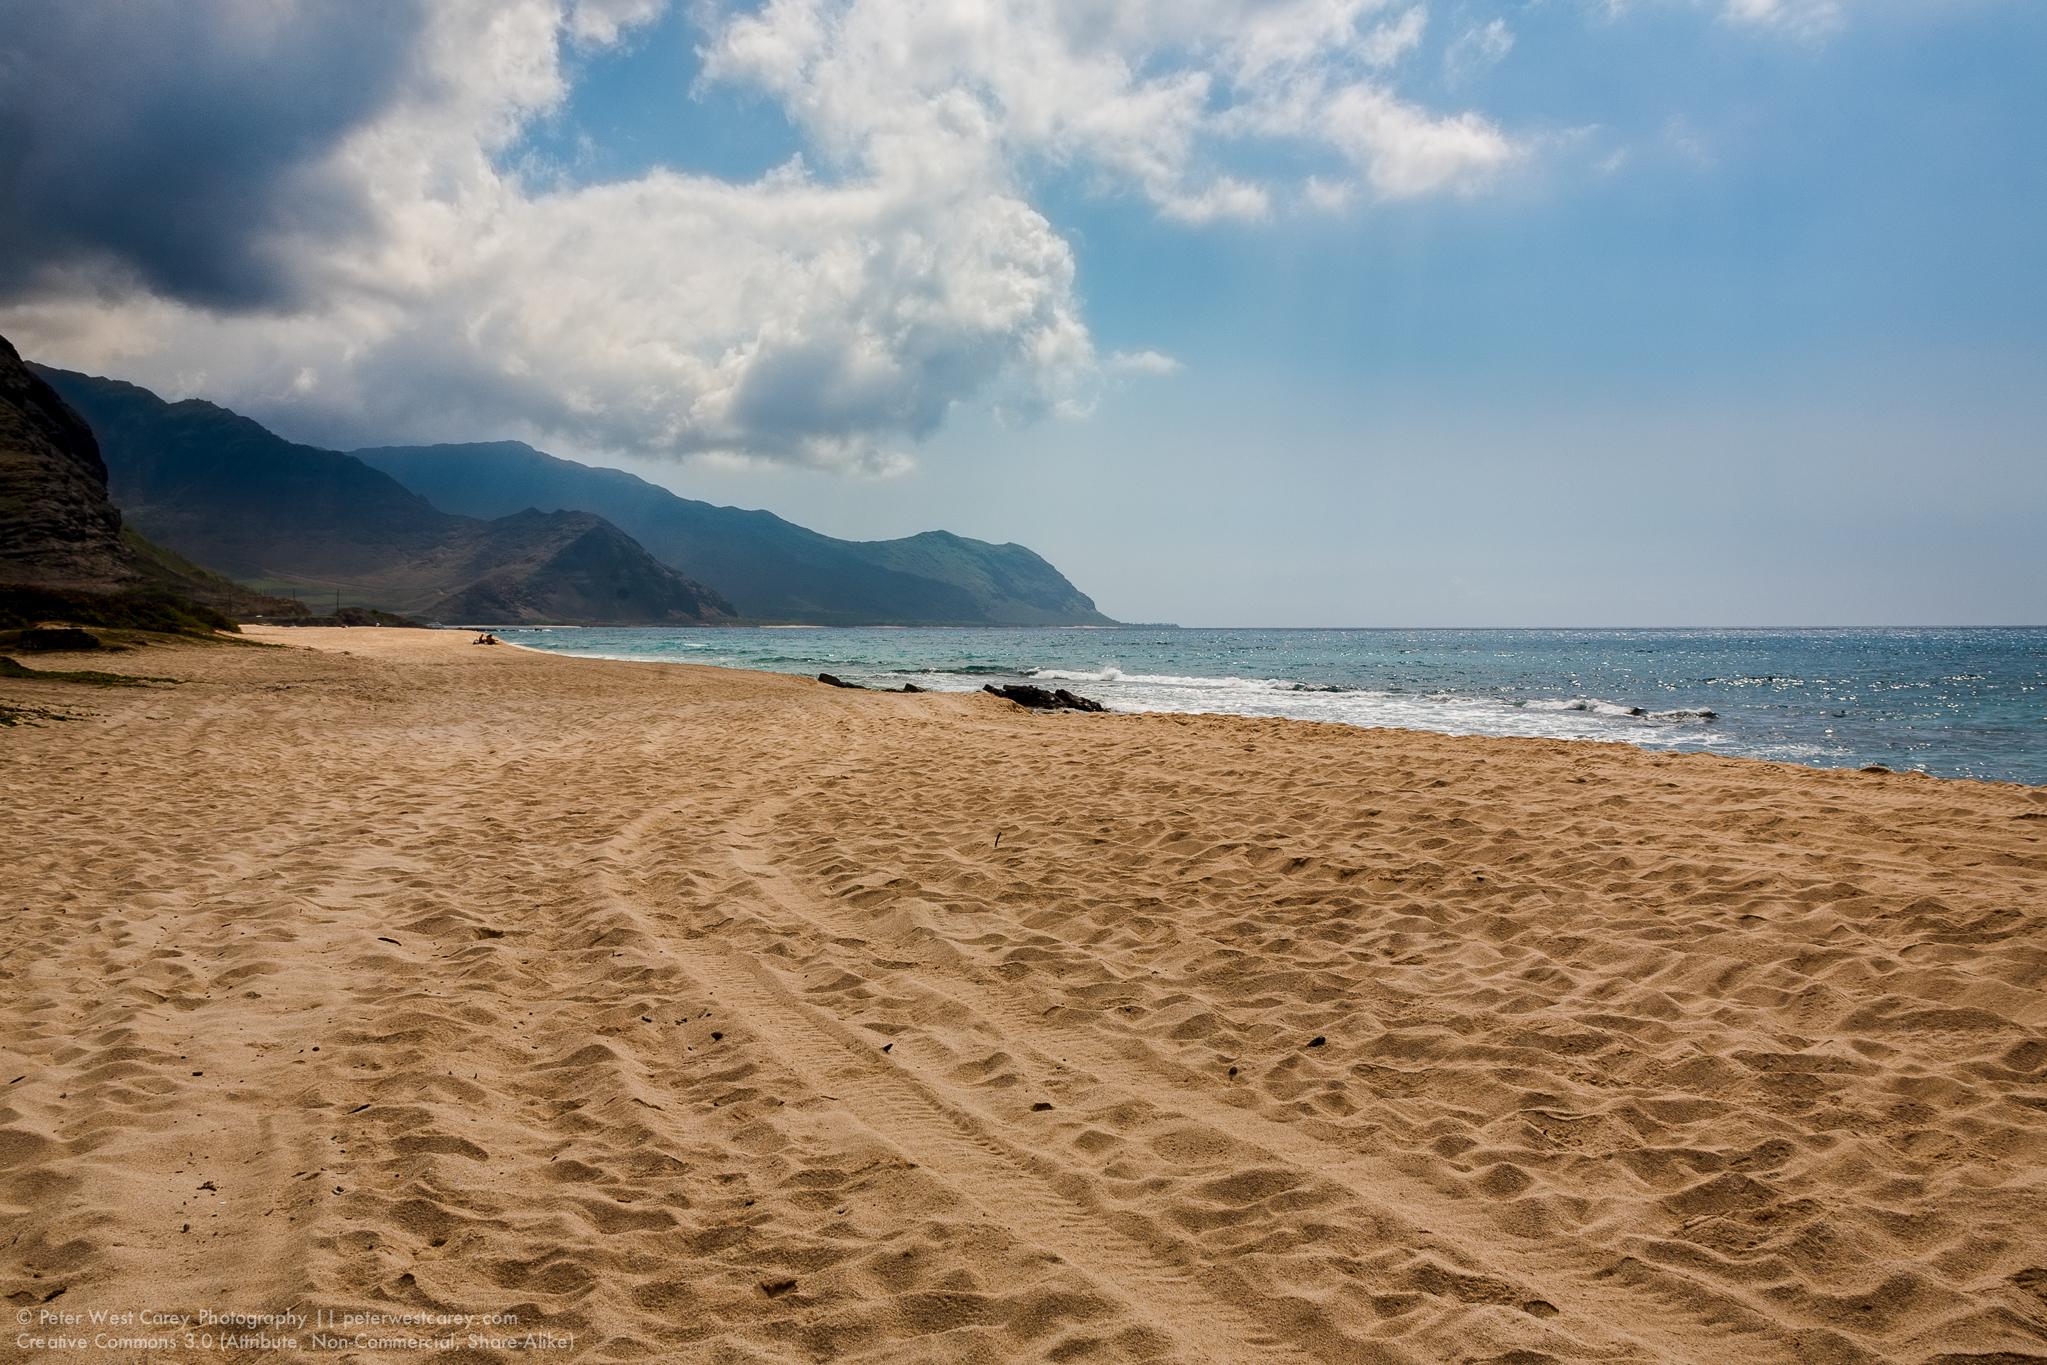 Nearly Deserted Beach, Oahu, Hawaii, USA